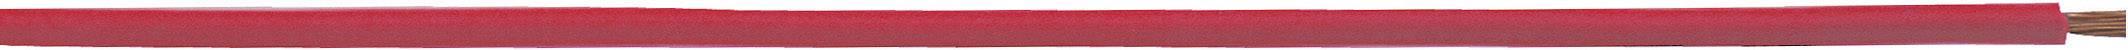 Opletenie / lanko LappKabel 4510011S H05V-K, 1 x 0.50 mm², vonkajší Ø 2.50 mm, 250 m, čierna